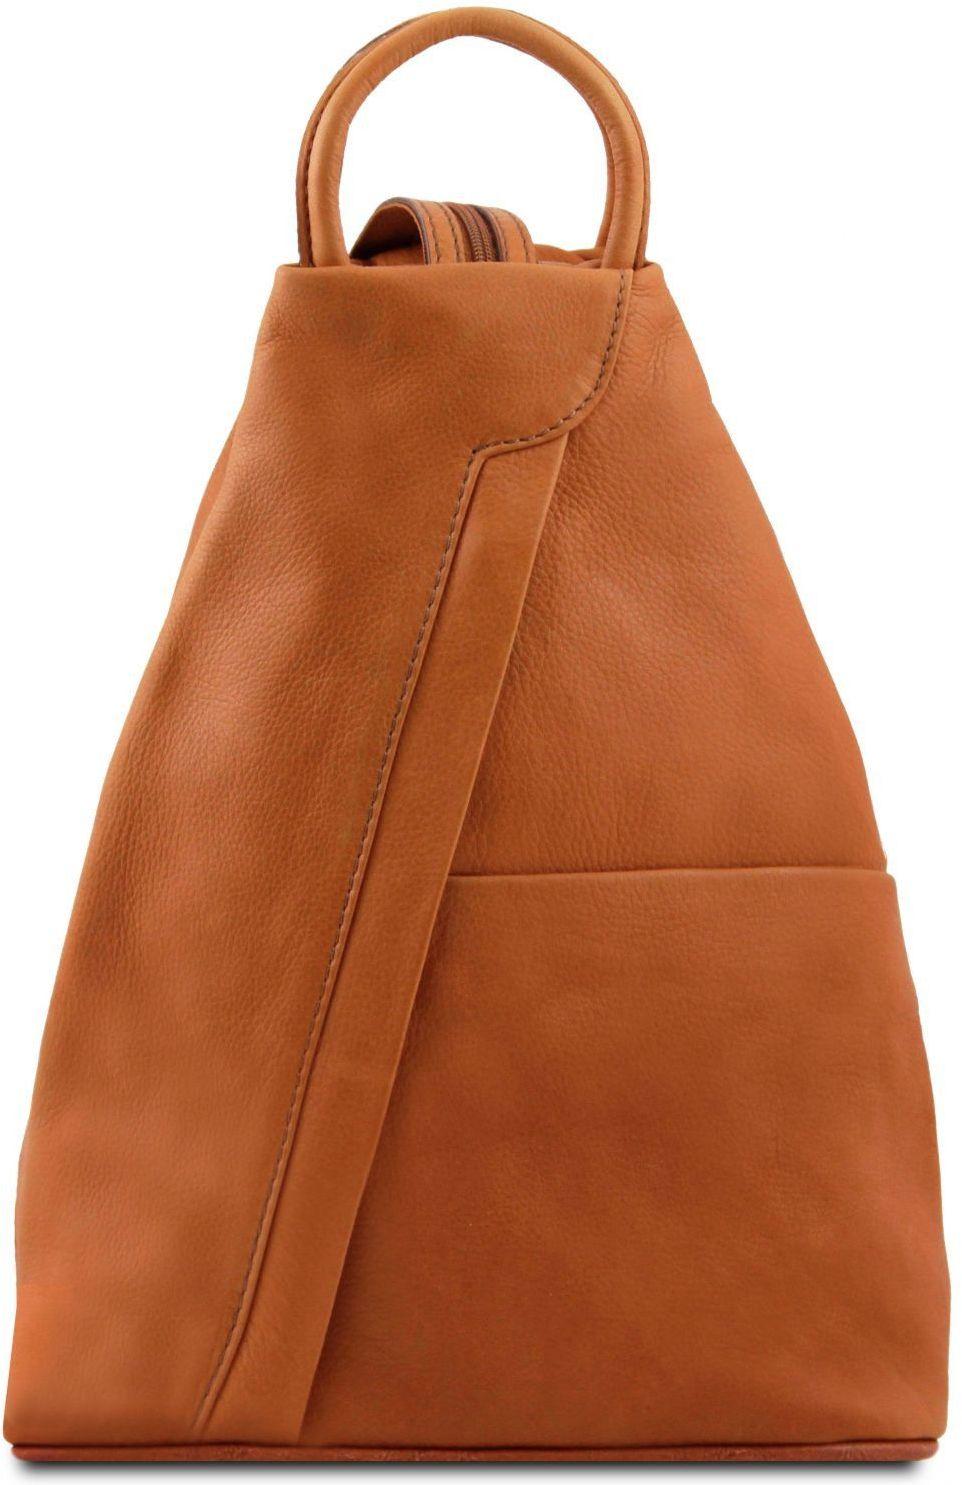 Γυναικείο Τσαντάκι Δερμάτινο Shanghai Κονιάκ Tuscany Leather γυναίκα   τσάντες πλάτης